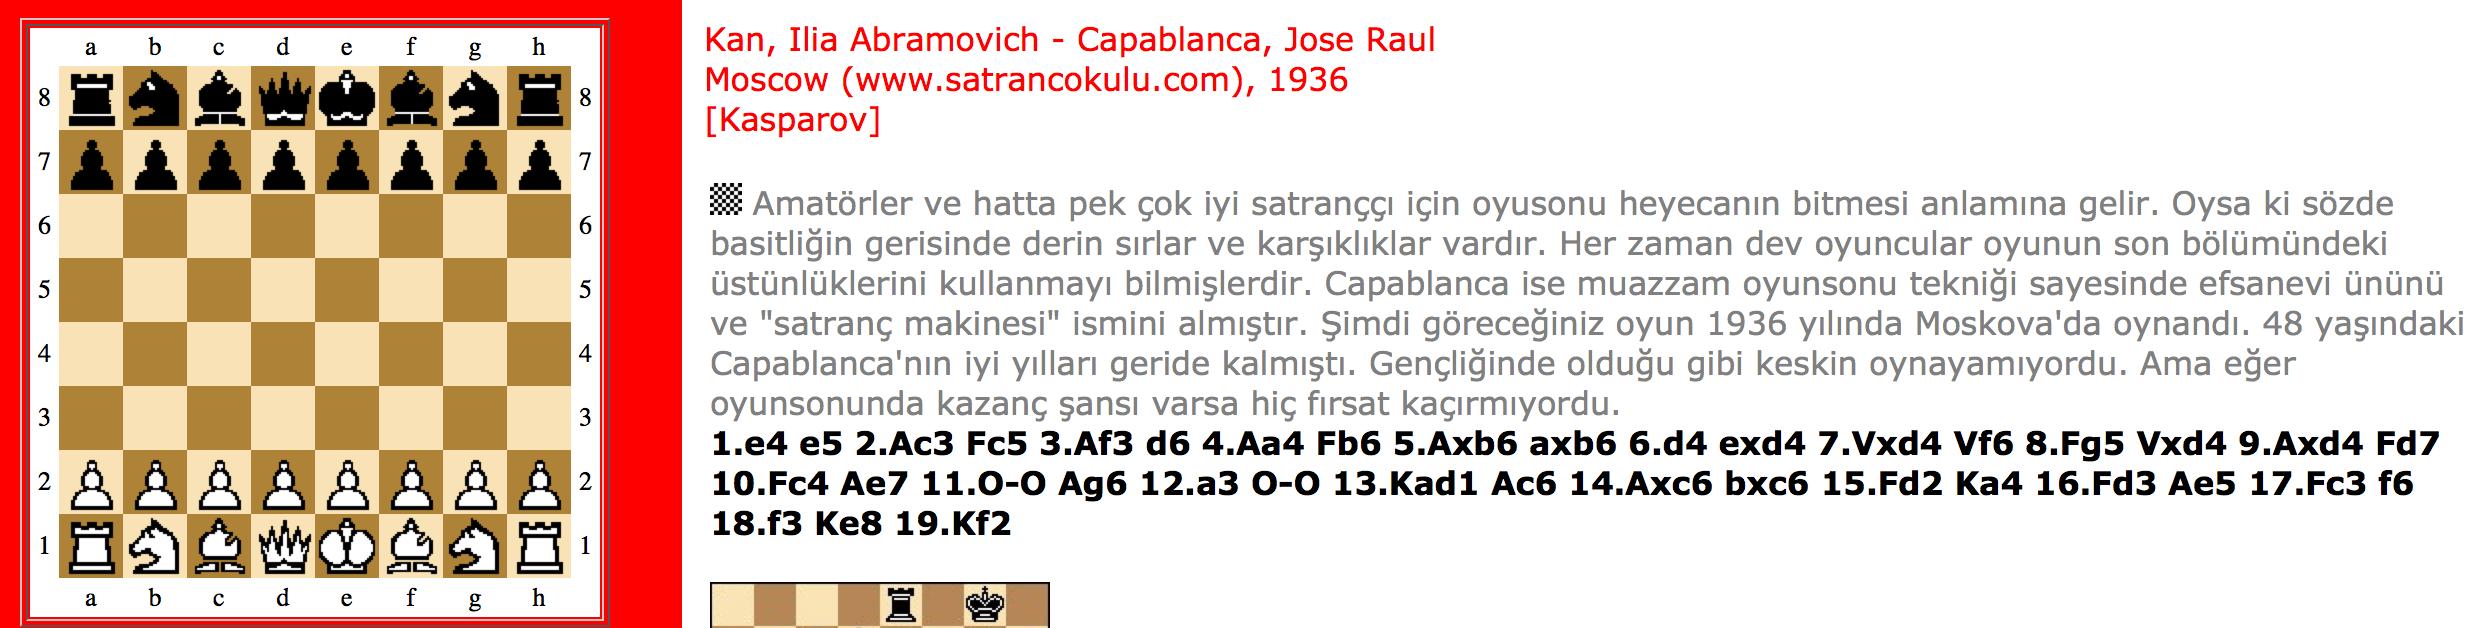 Kann – Capablanca